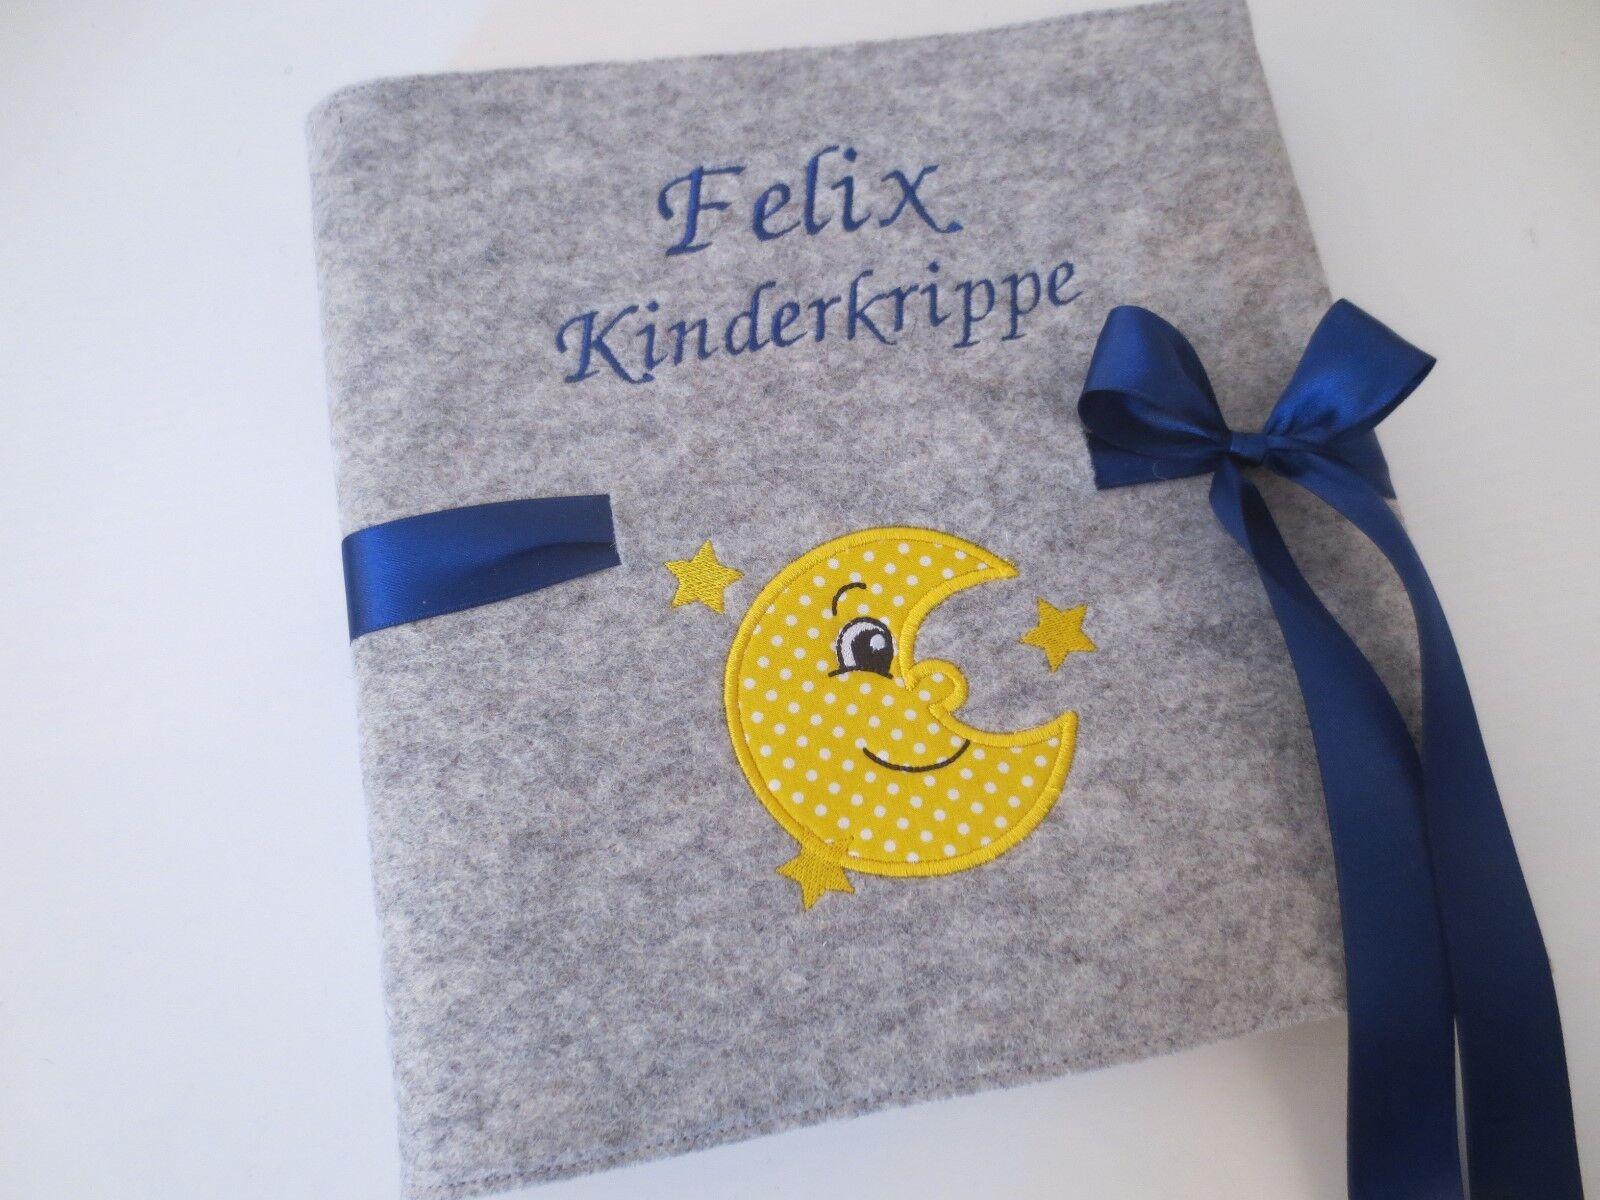 Fotoalbum ca. 24,5 x 25cm Wollfilz Name Babyalbum Album Baby Taufe Geburt Kind   Shop    Hochwertig    Sonderaktionen zum Jahresende